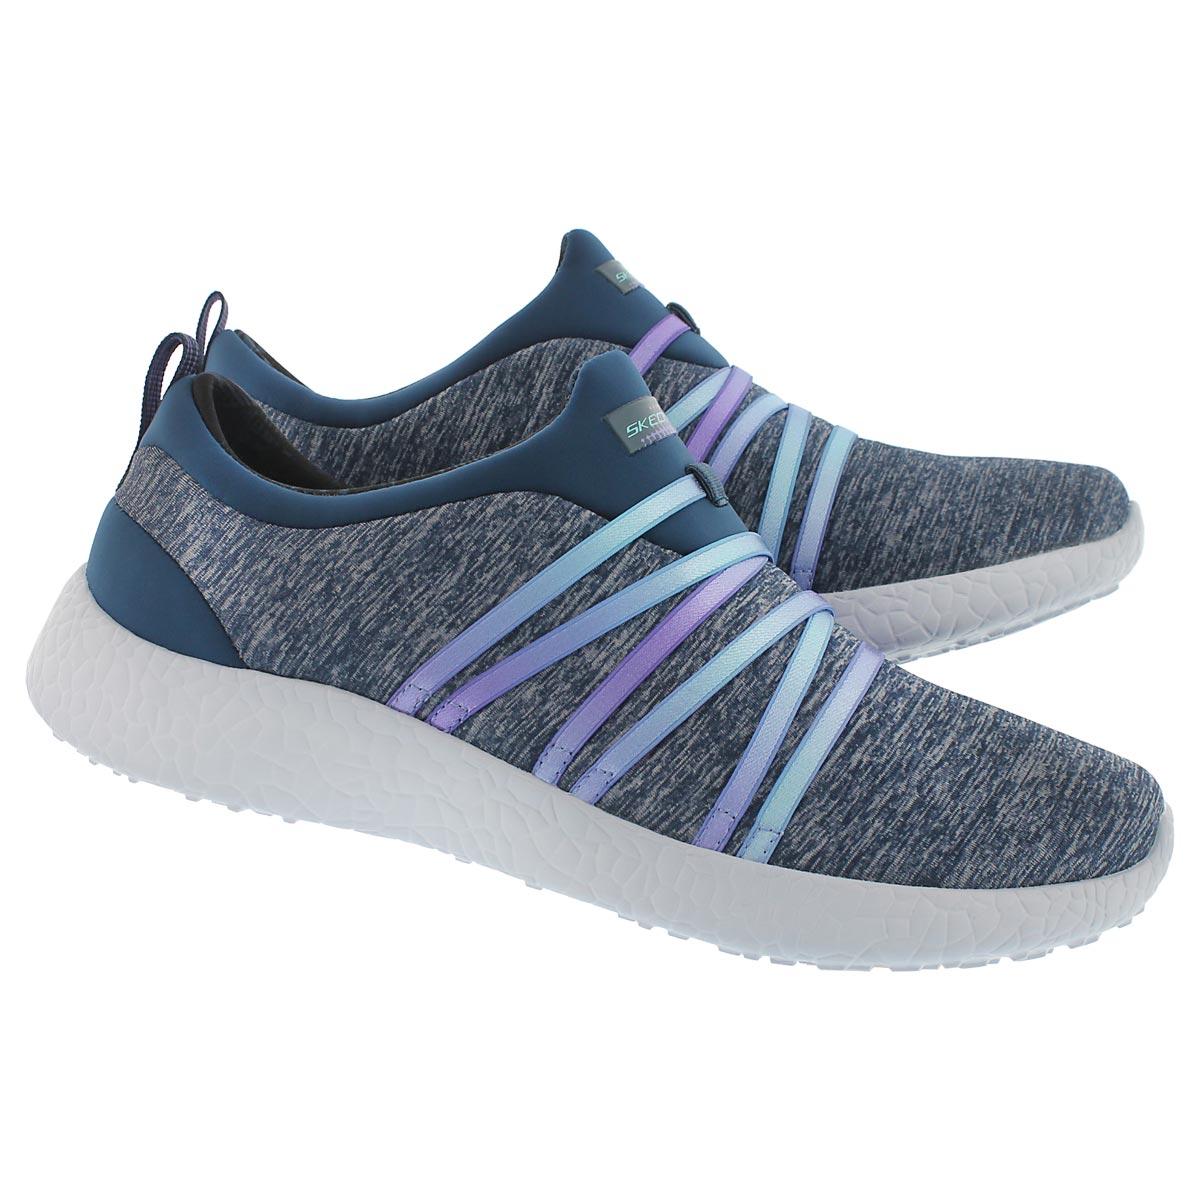 Lds Alter Ego navy slip on sneaker